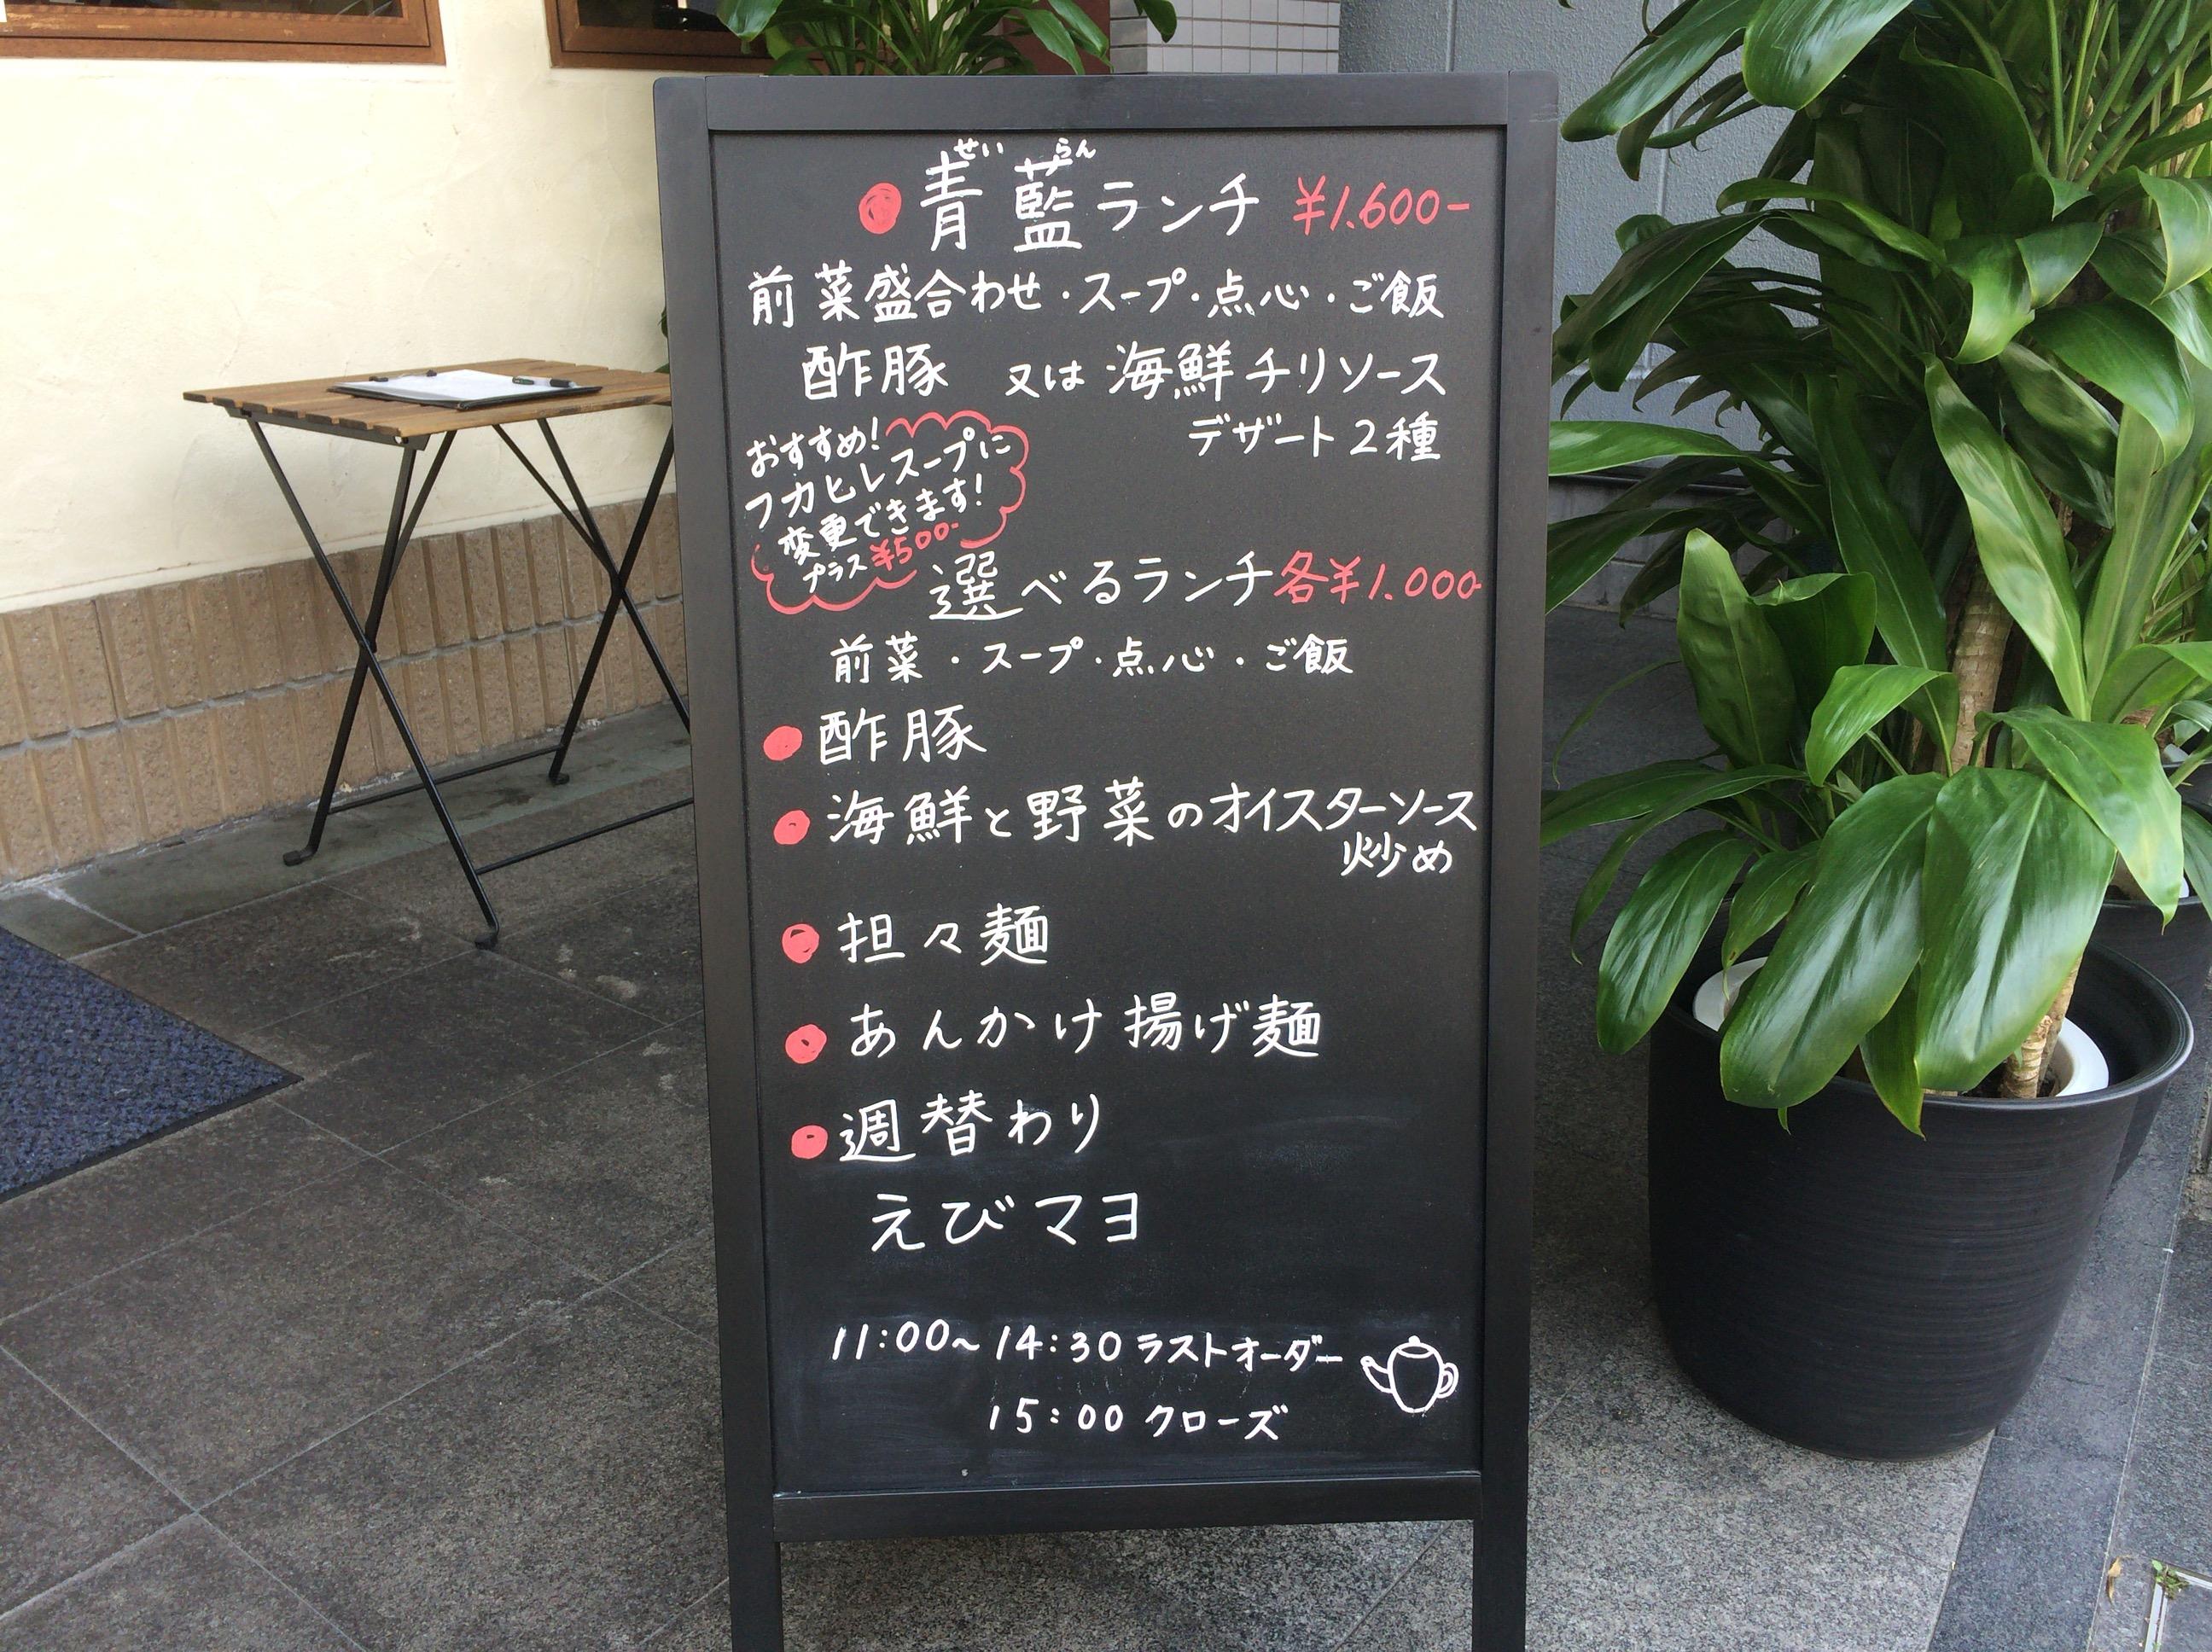 気軽に、オシャレに楽しめる中華ランチ『青藍(せいらん)』(谷町六丁目)